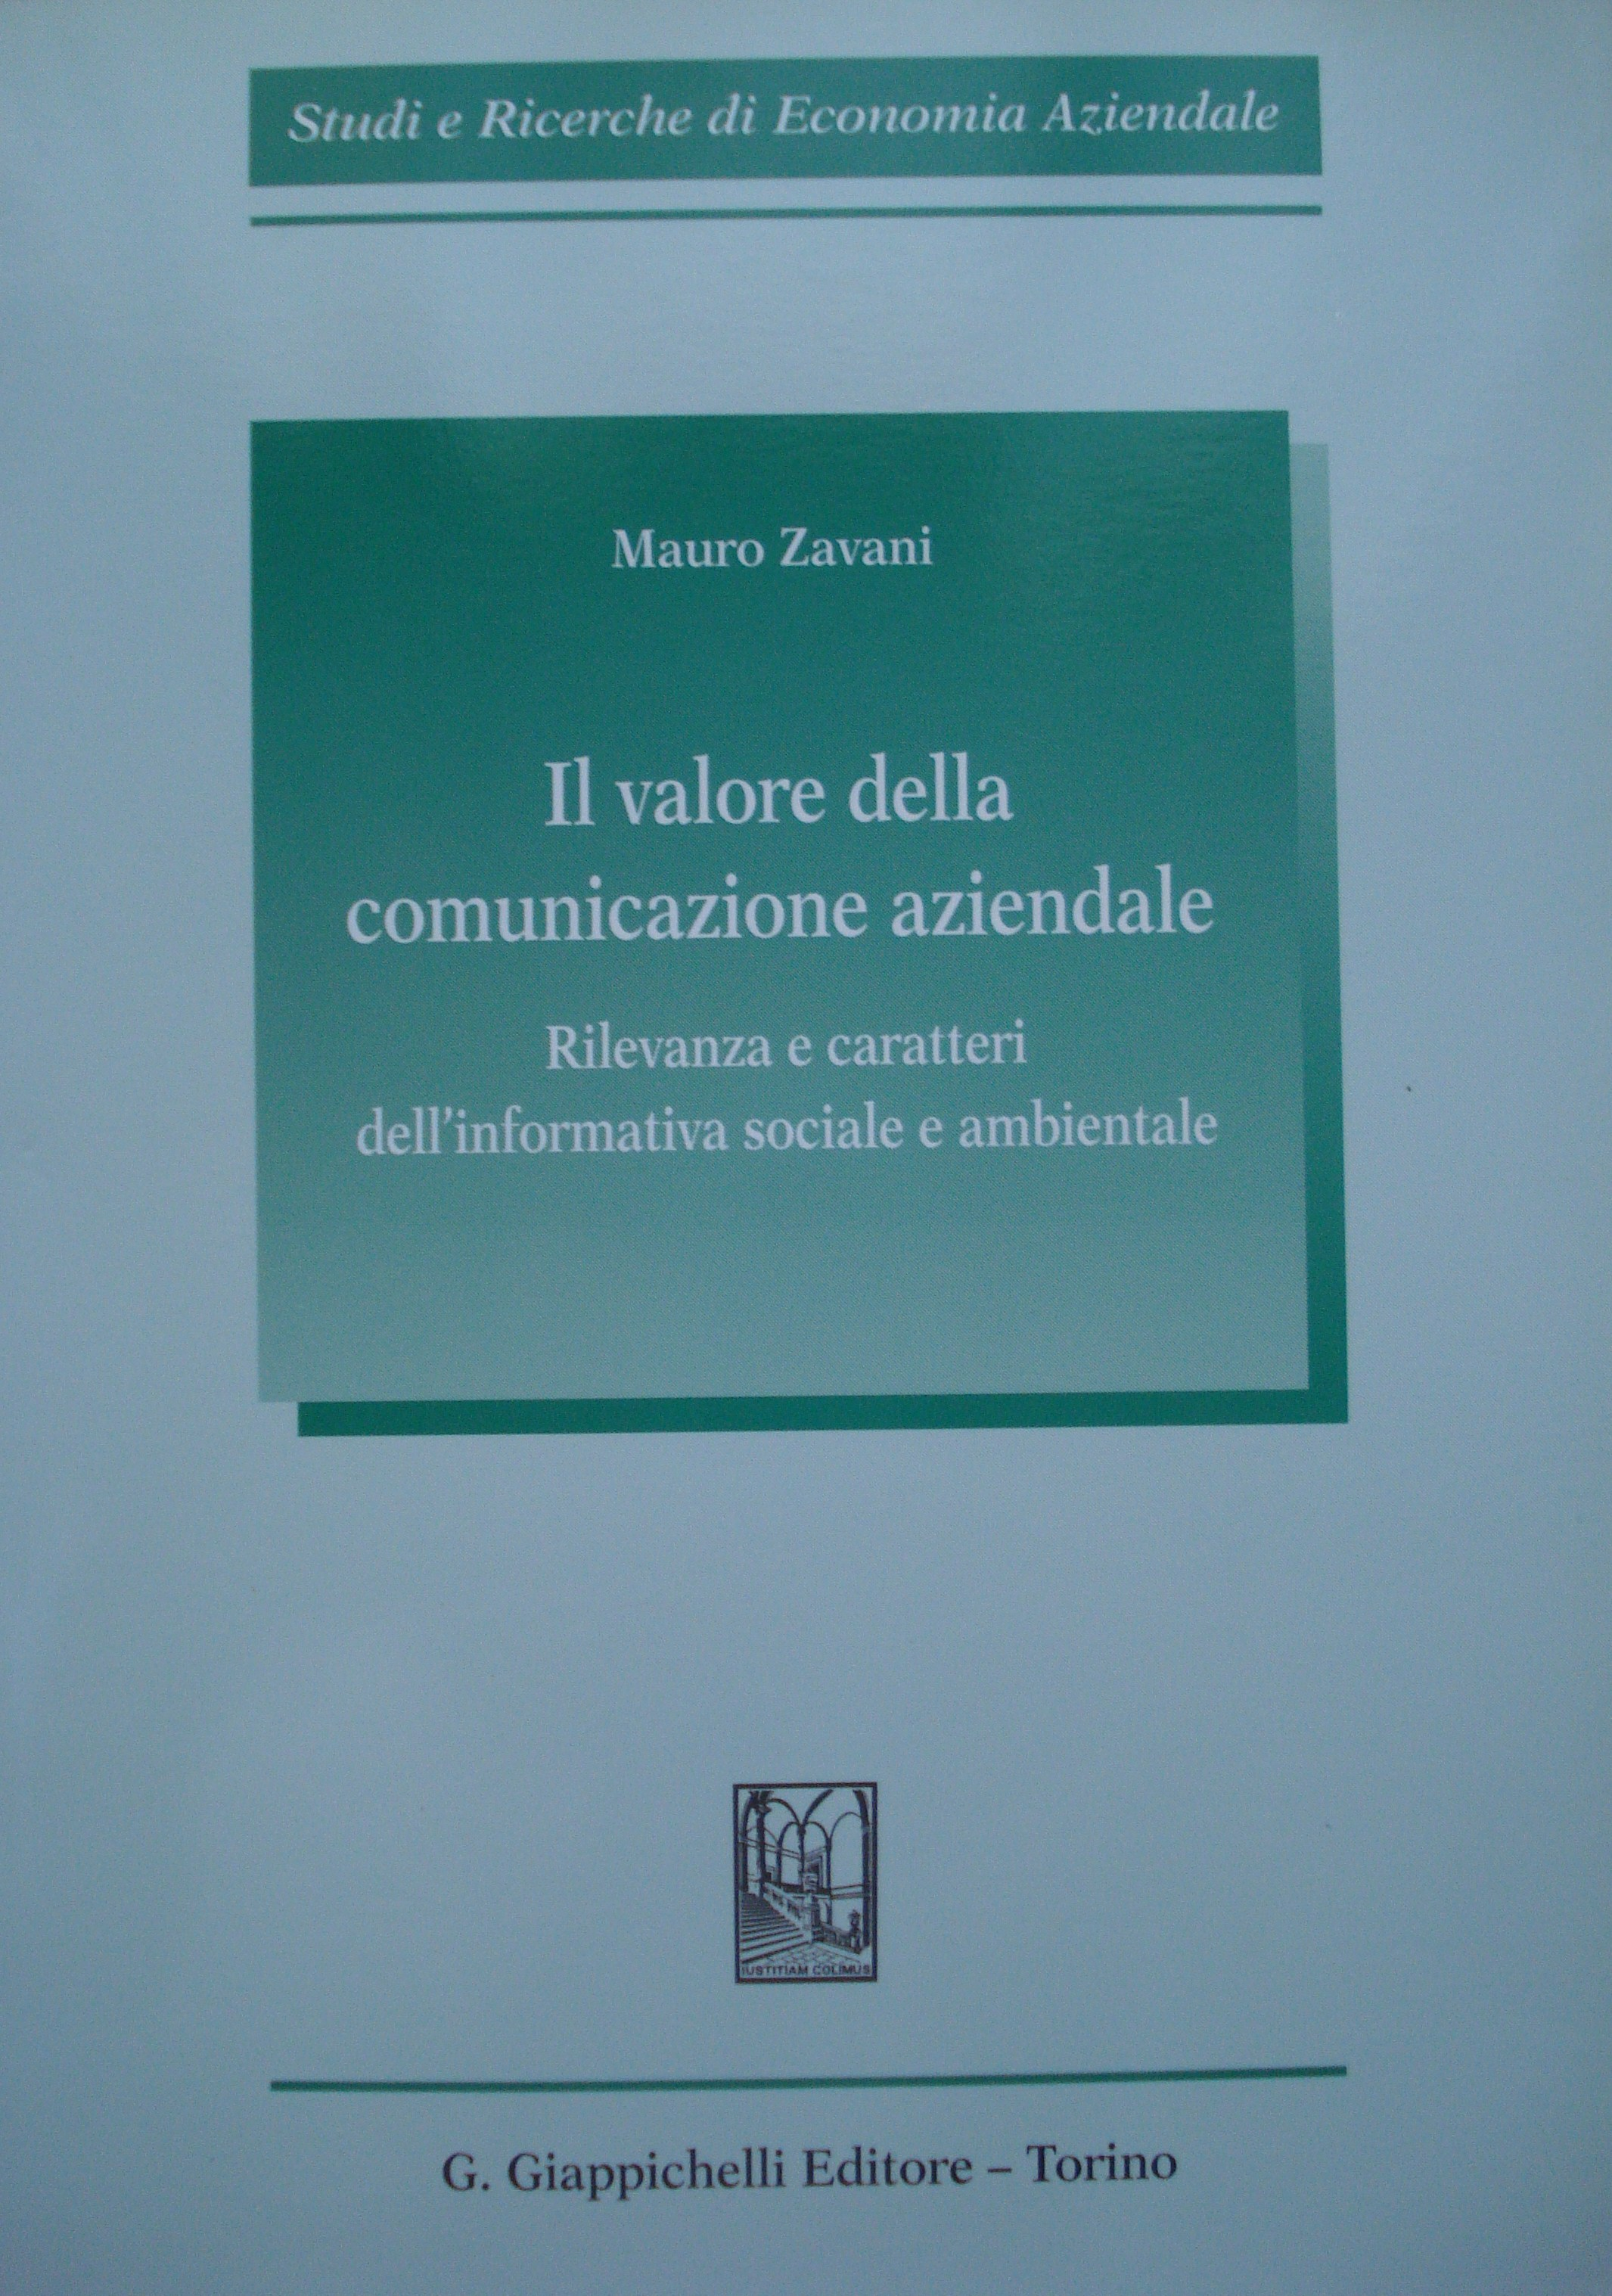 Il valore della comunicazione aziendale